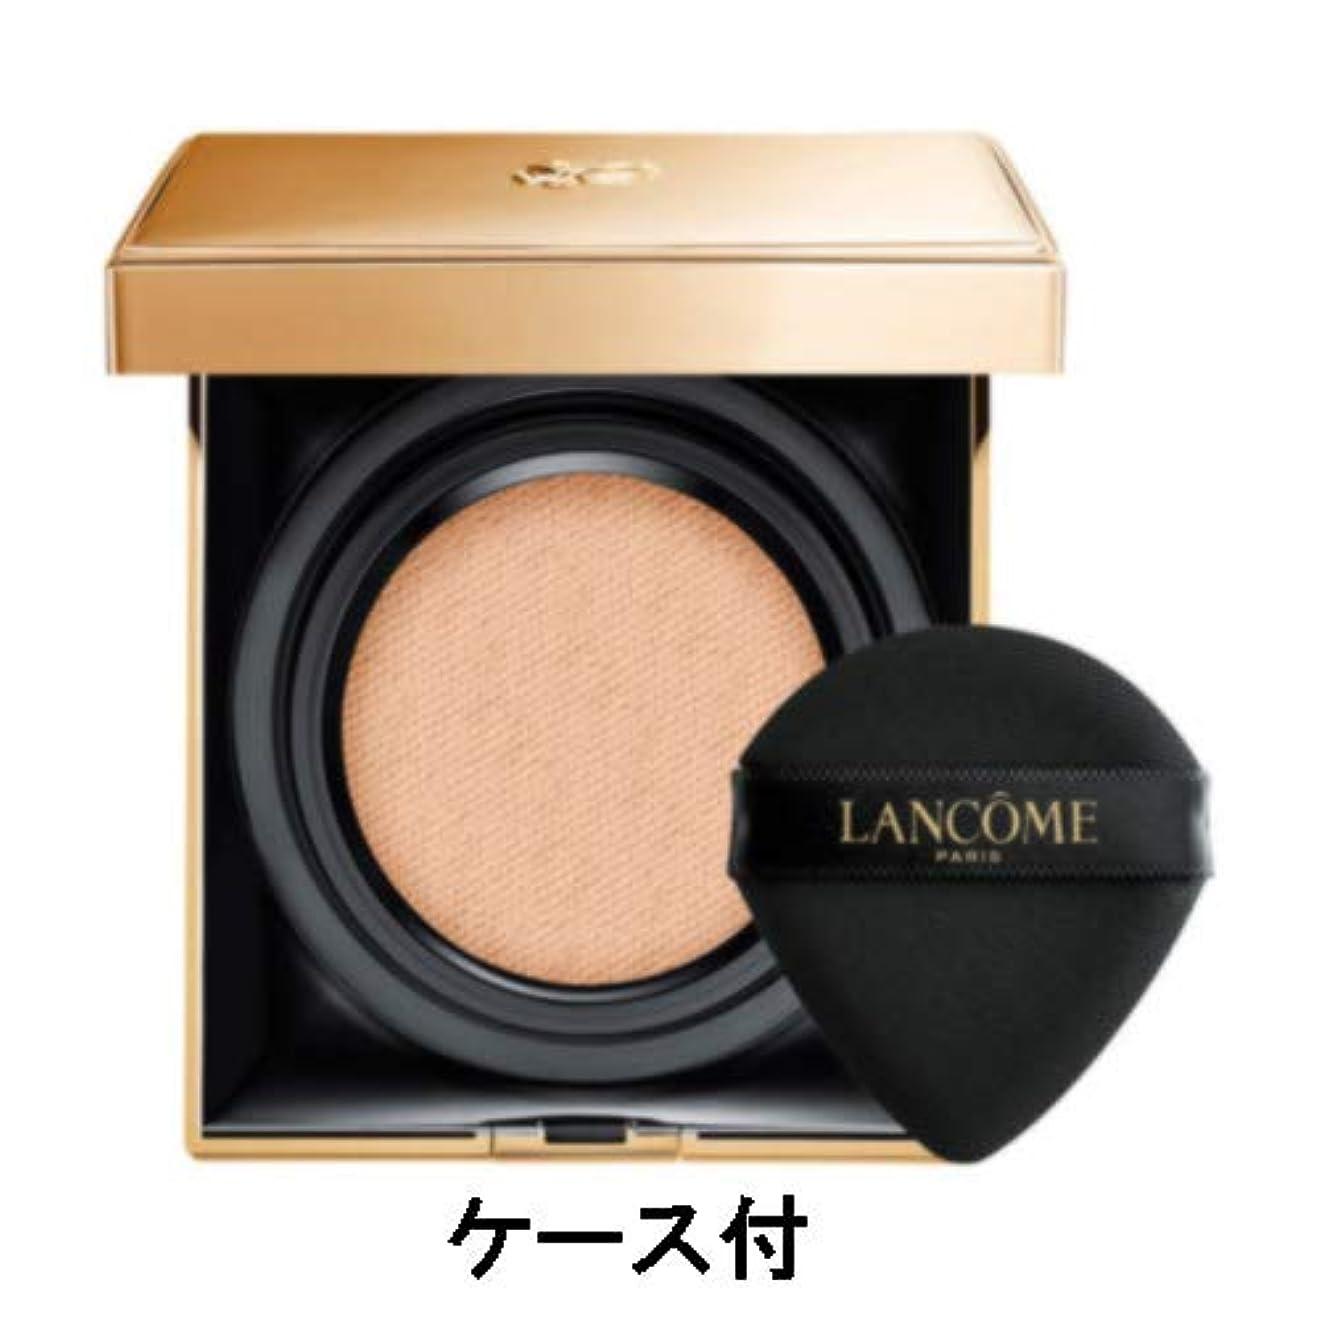 コスチューム感度霜LANCOME(ランコム) アプソリュ タン クッションコンパクト (110)